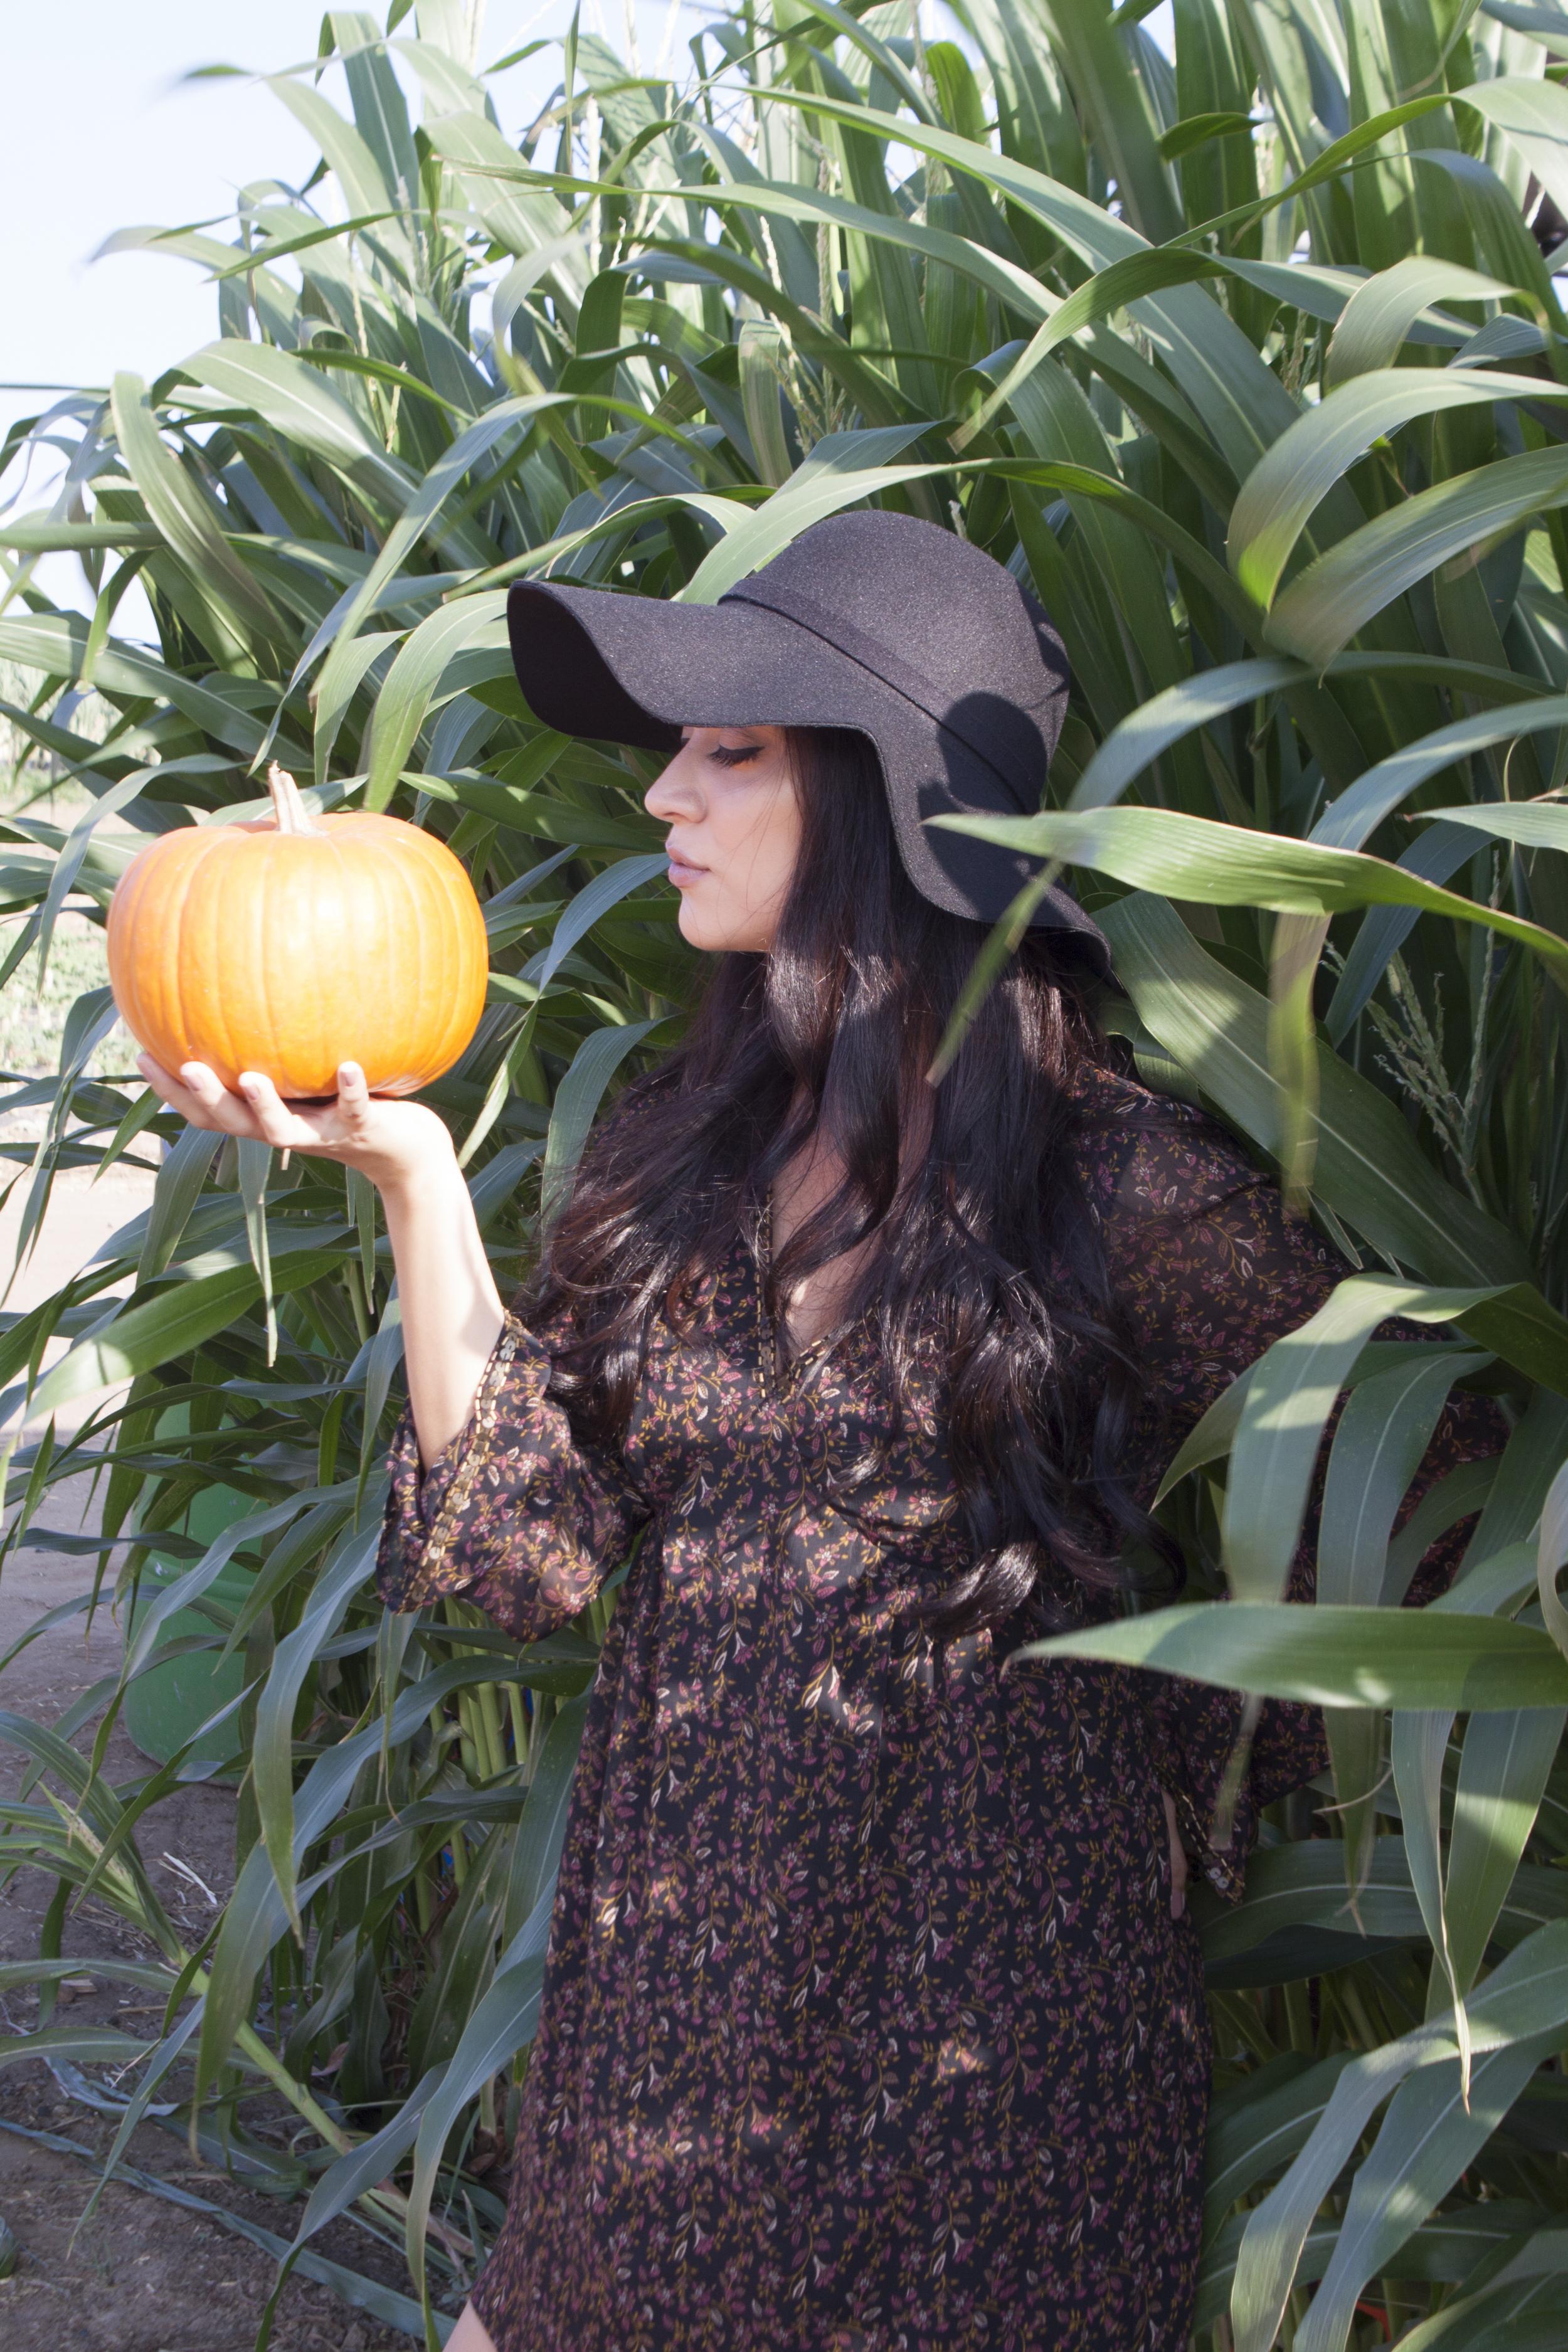 thinking about pumpkin pie 💭